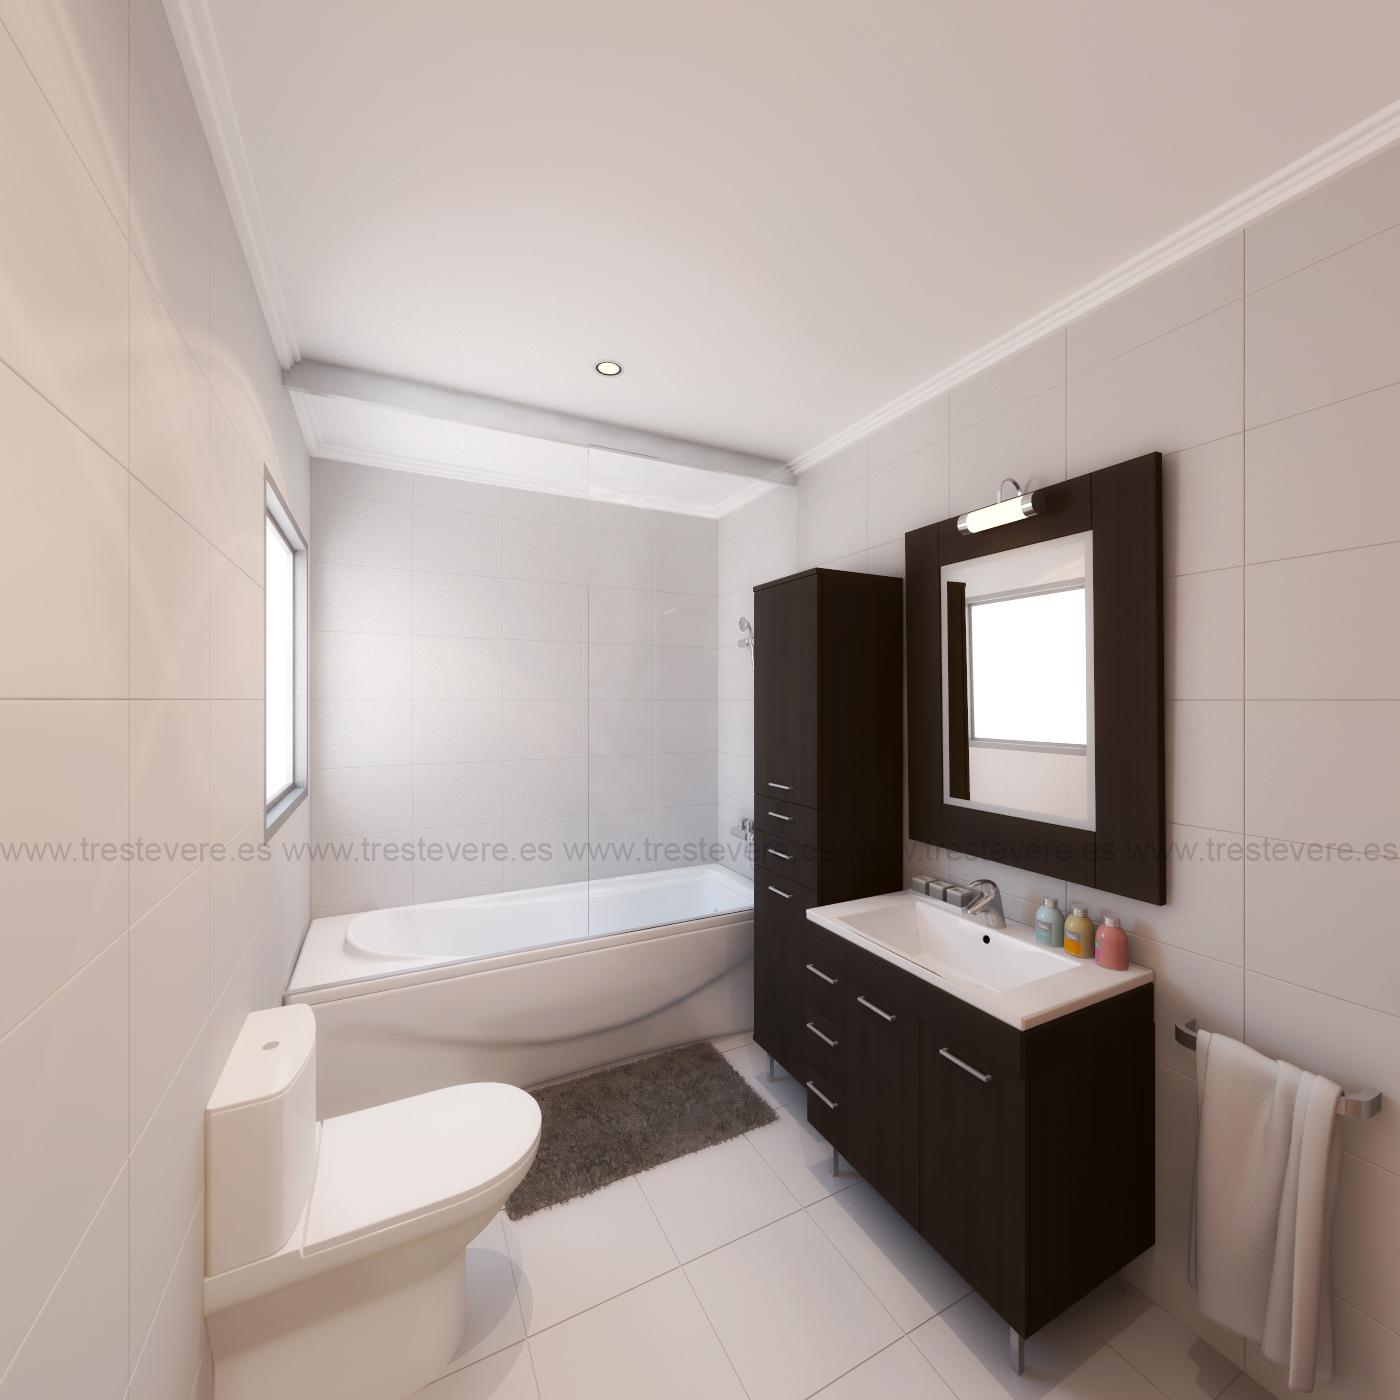 baño 3D acabado 01